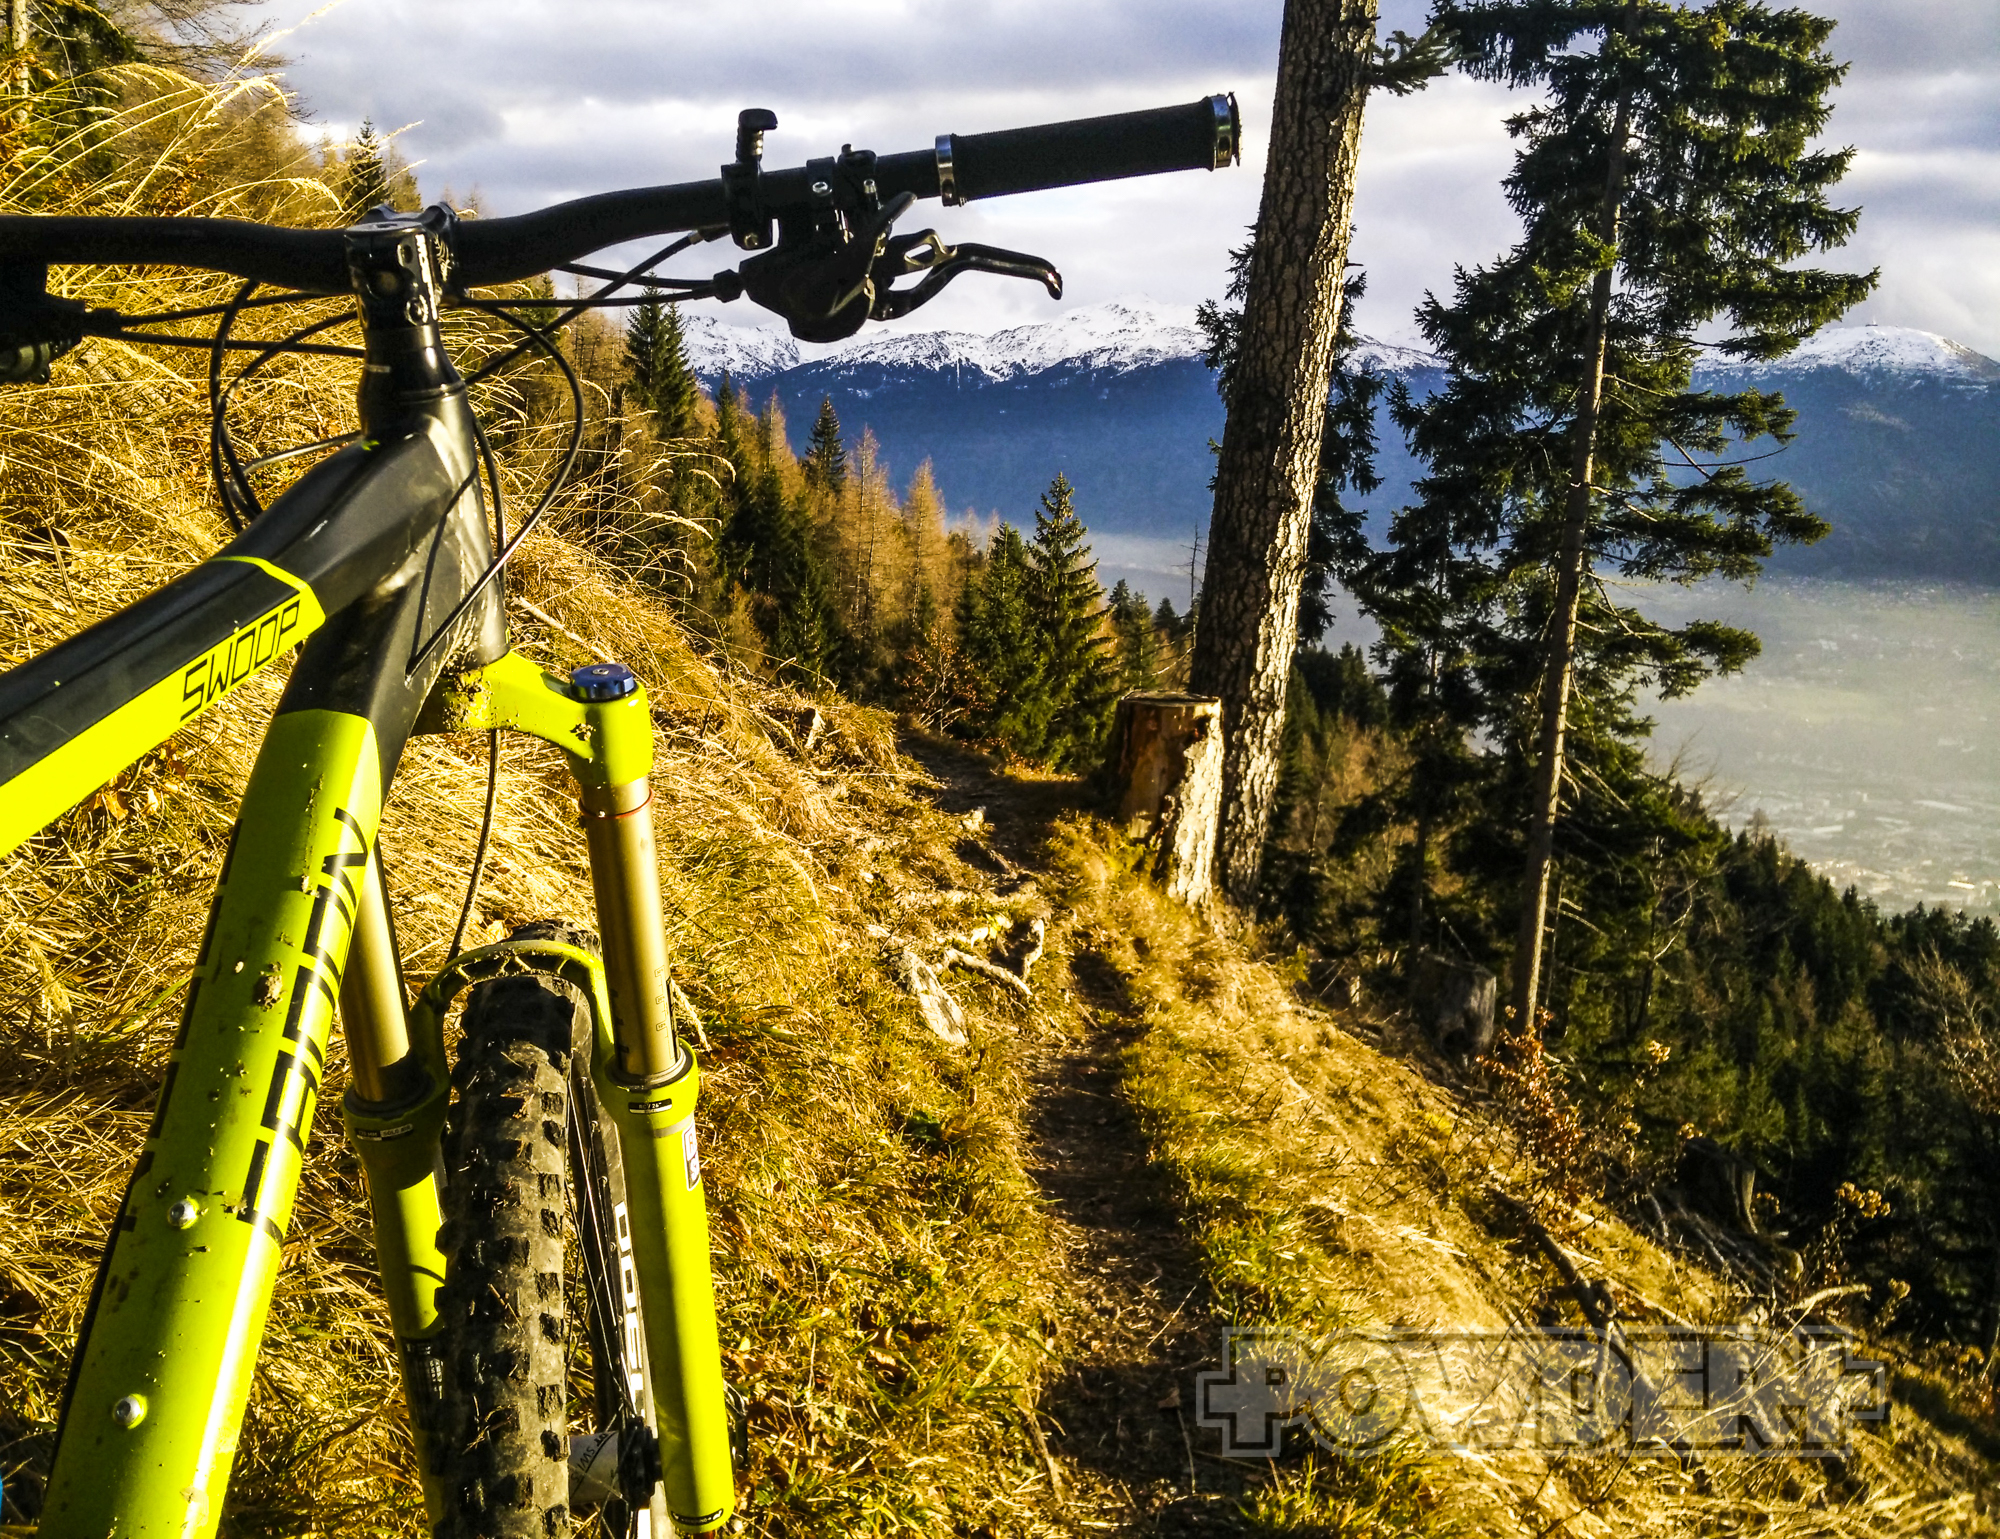 biketag, mountainbike, bike, Nordkette, Skisaison